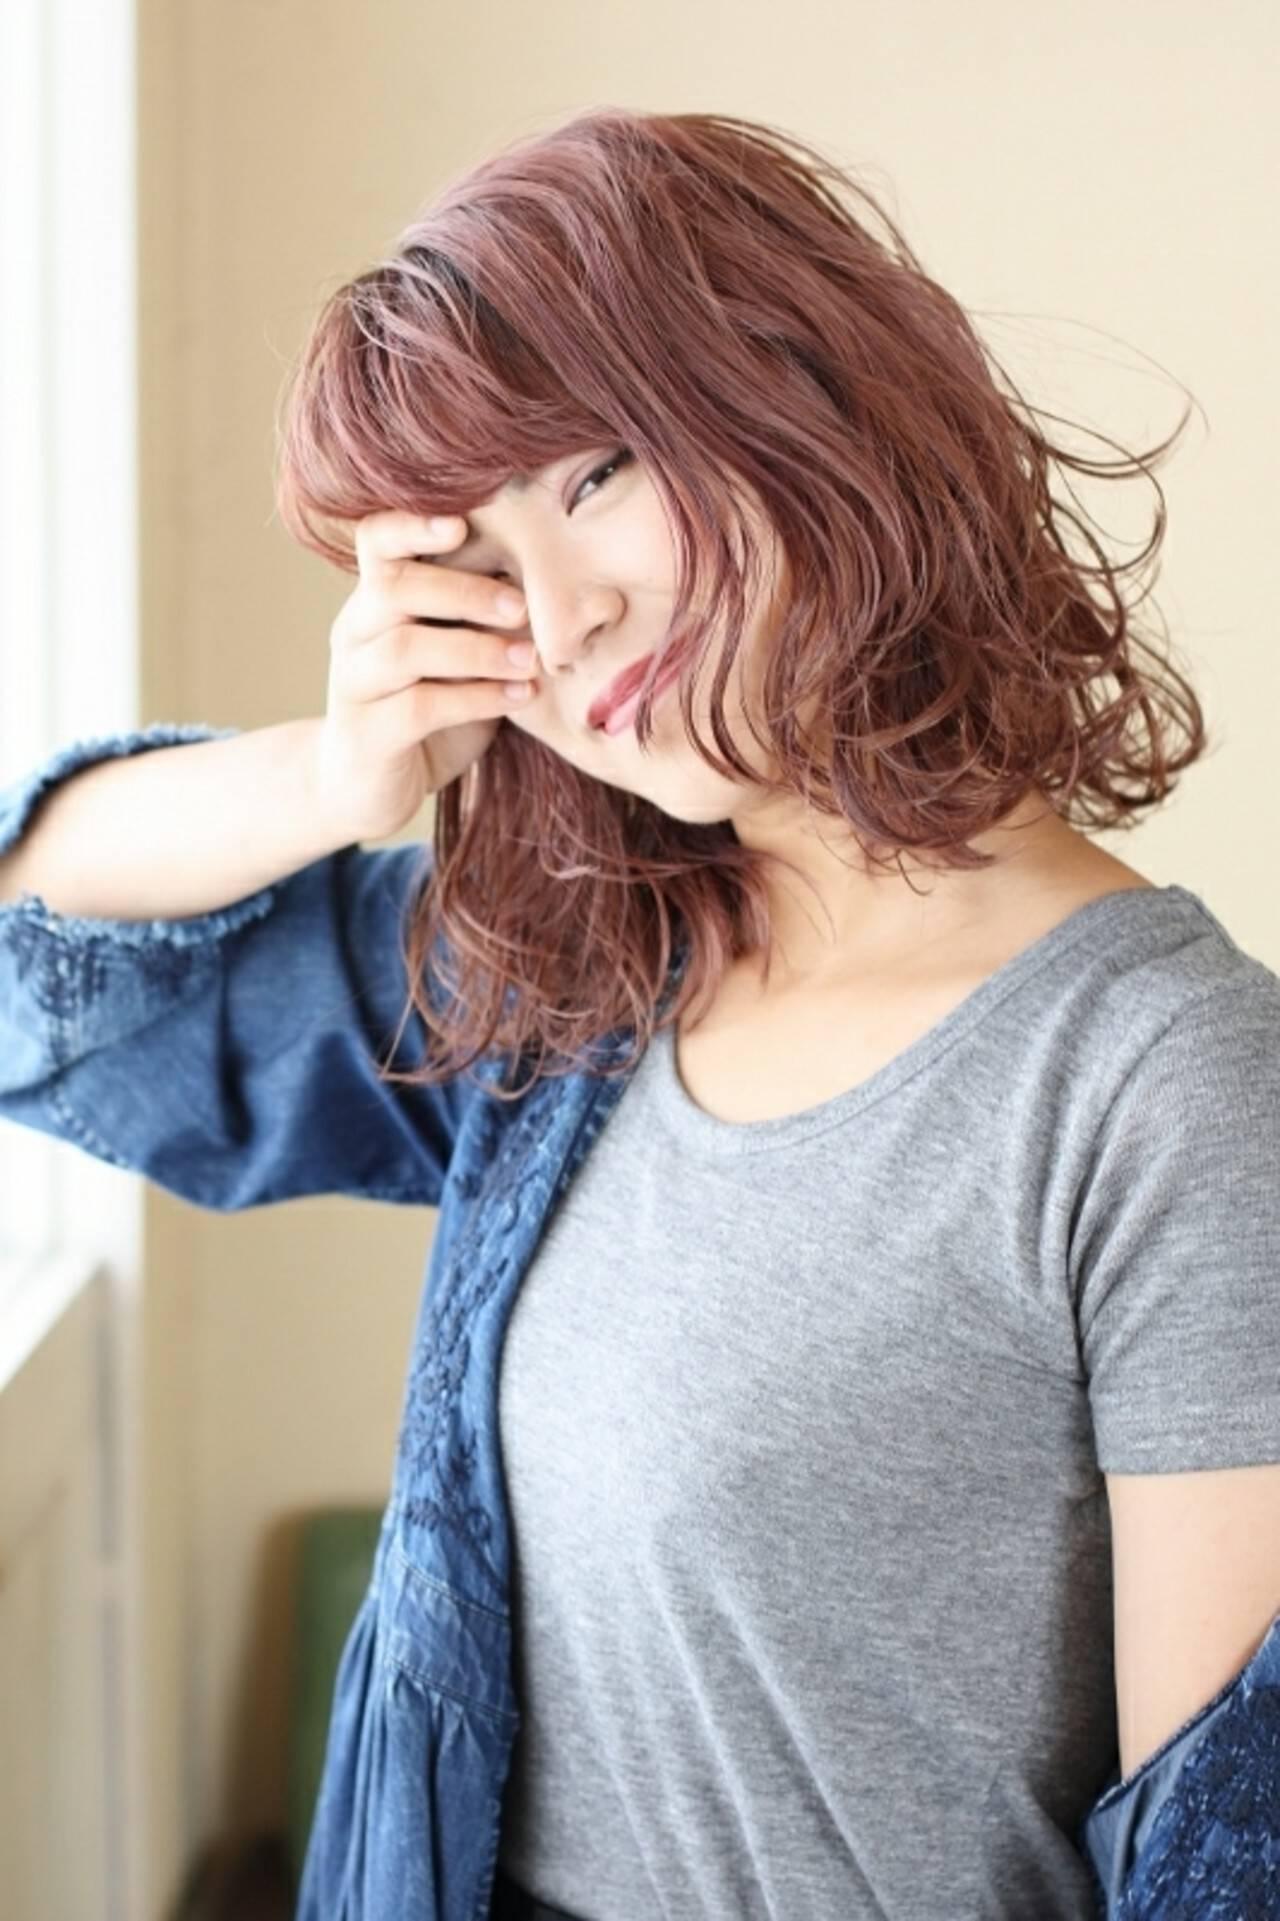 ピンク ウェットヘア モード ダブルカラーヘアスタイルや髪型の写真・画像